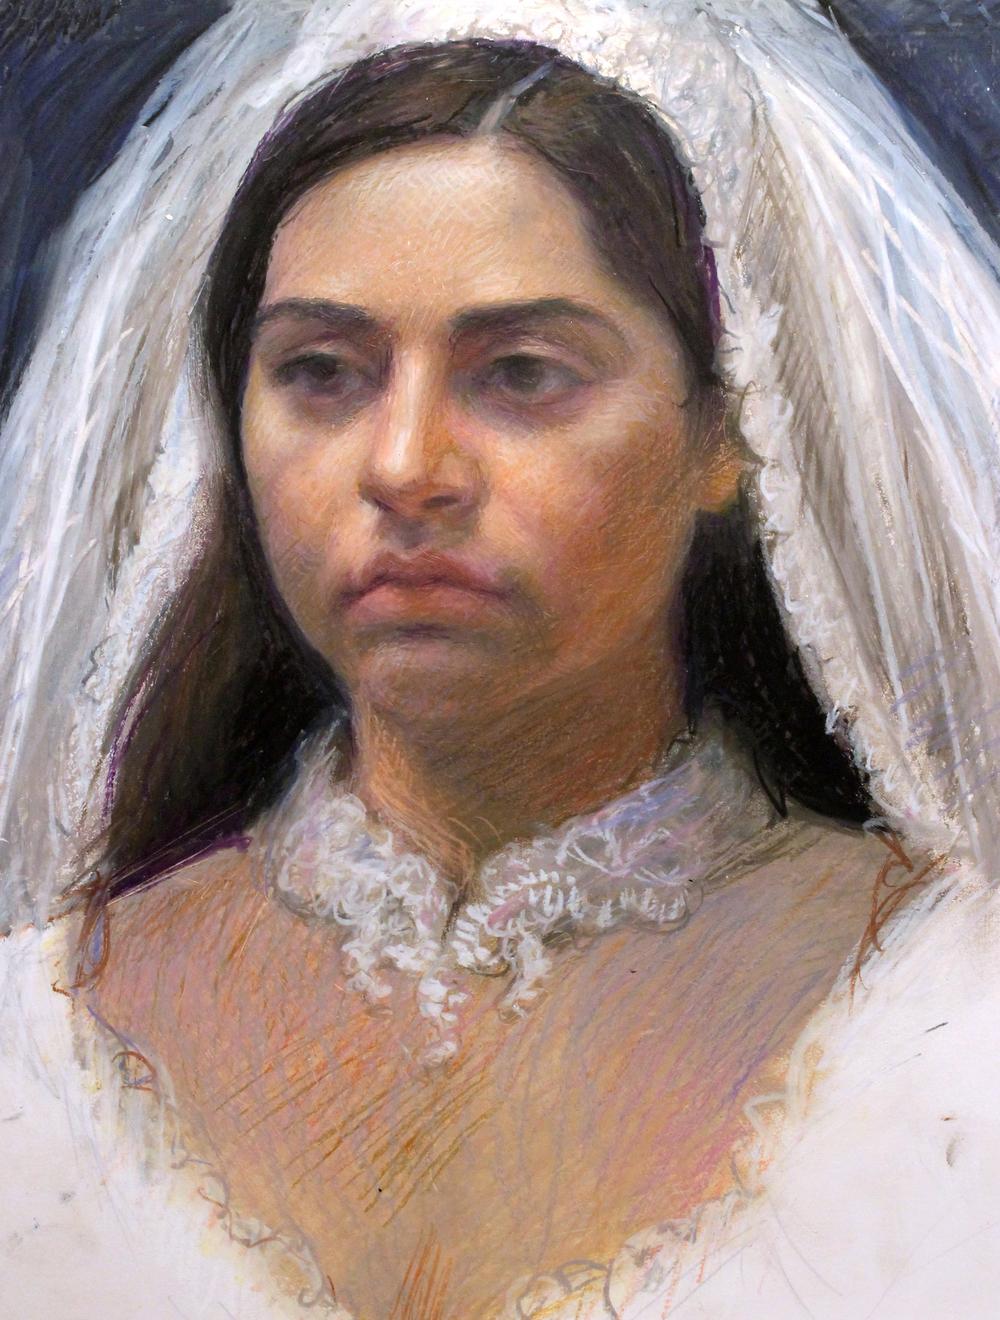 Miriam as Bride